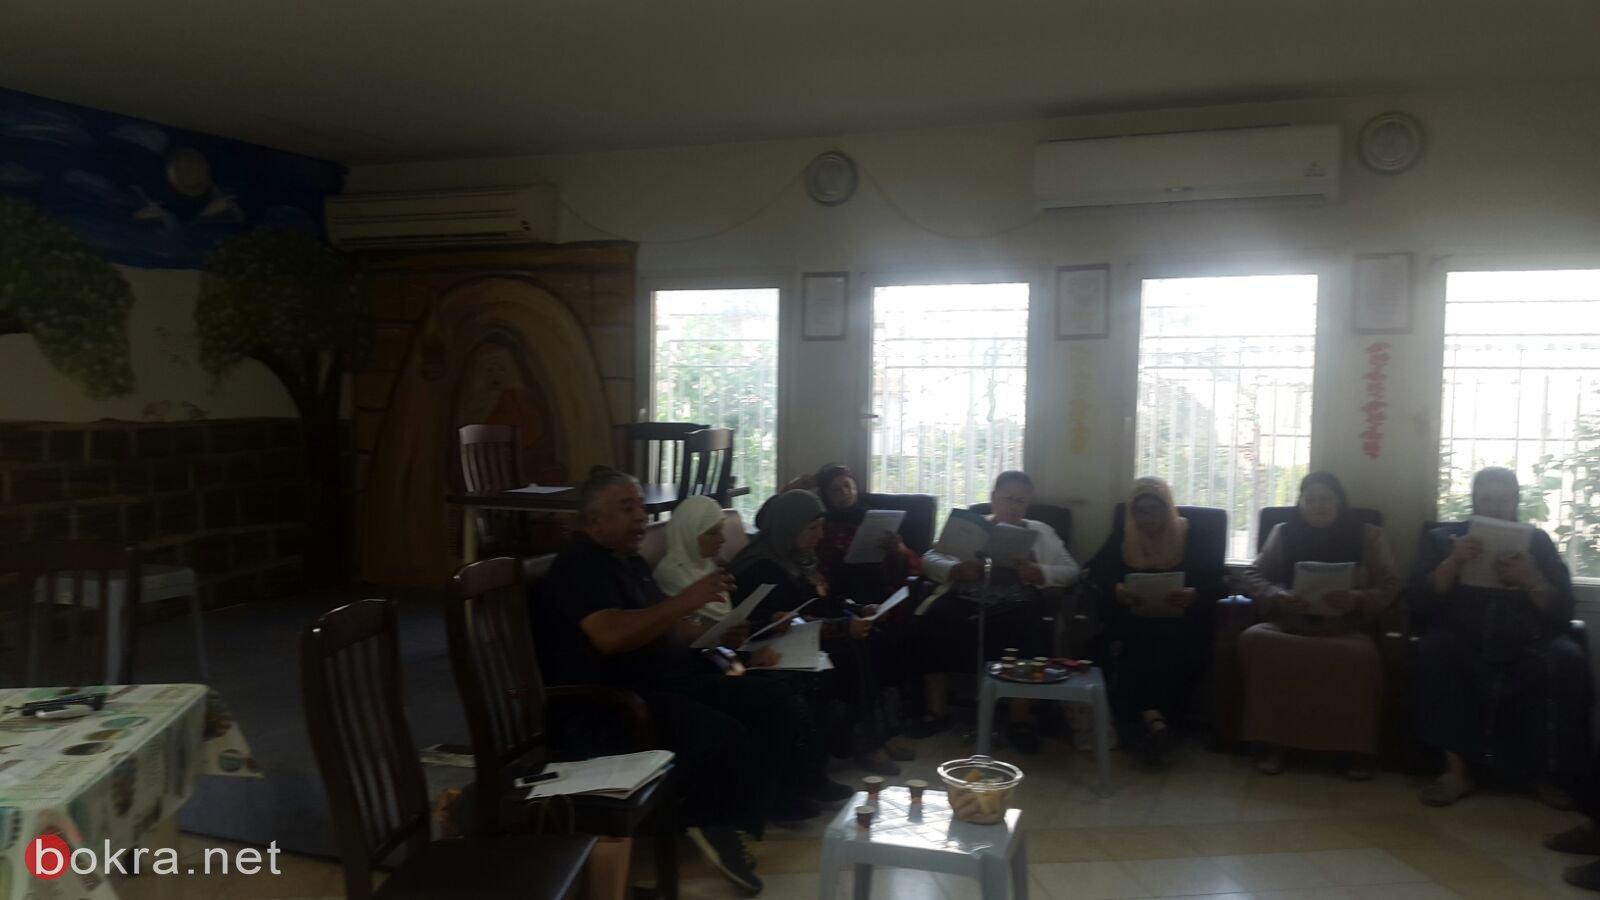 لقاء البدء منذ الآن في بيت المسن في الجديدة - المكر ضمن مشروع خارطة الطريق